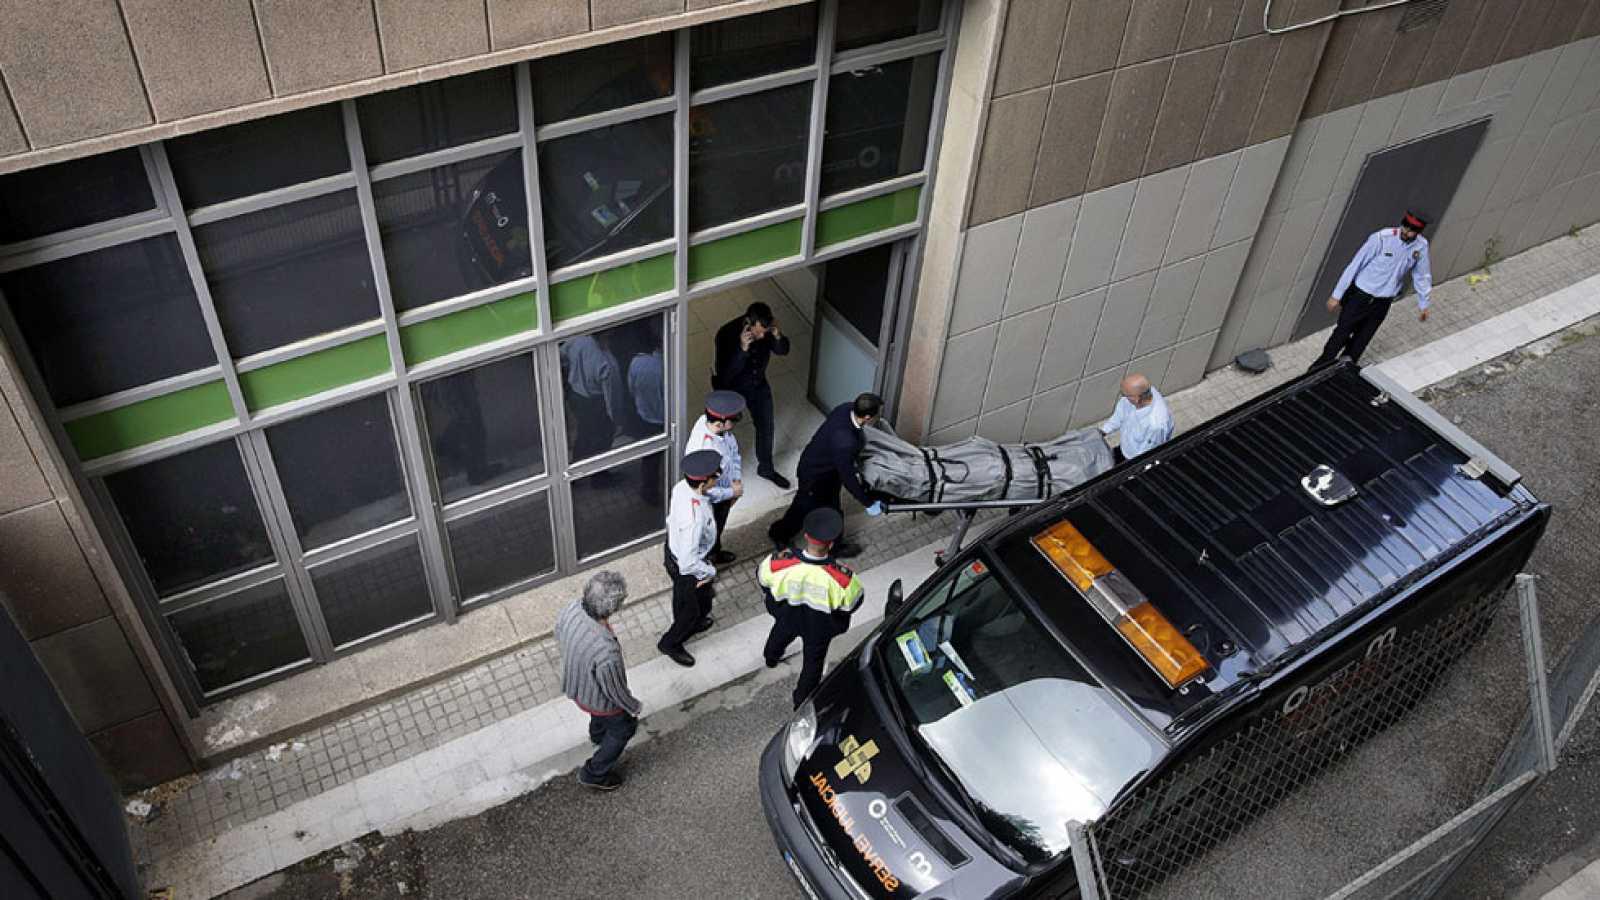 Un profesor muerto y cuatro heridos a manos de un alumno en un instituto de Barcelona